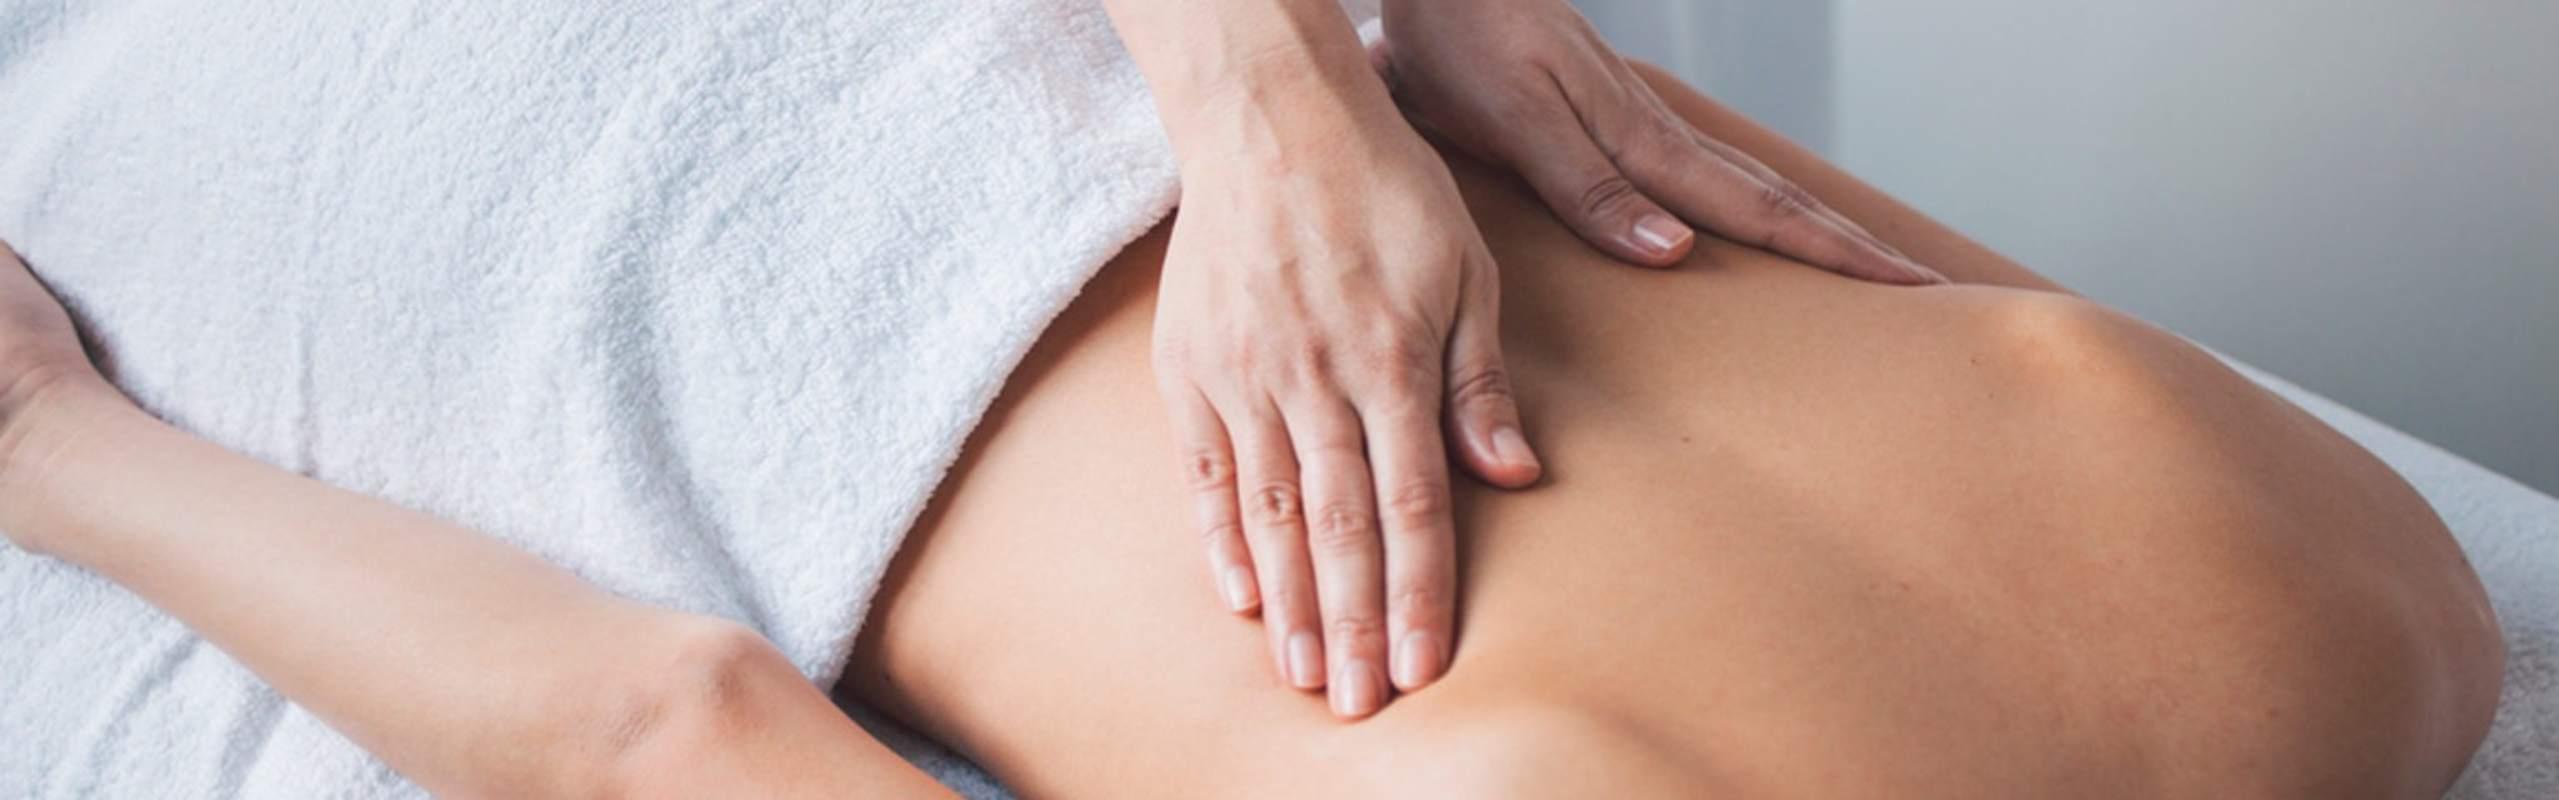 Descubre la dorsalgia y cómo tratar esta patología de la espalda